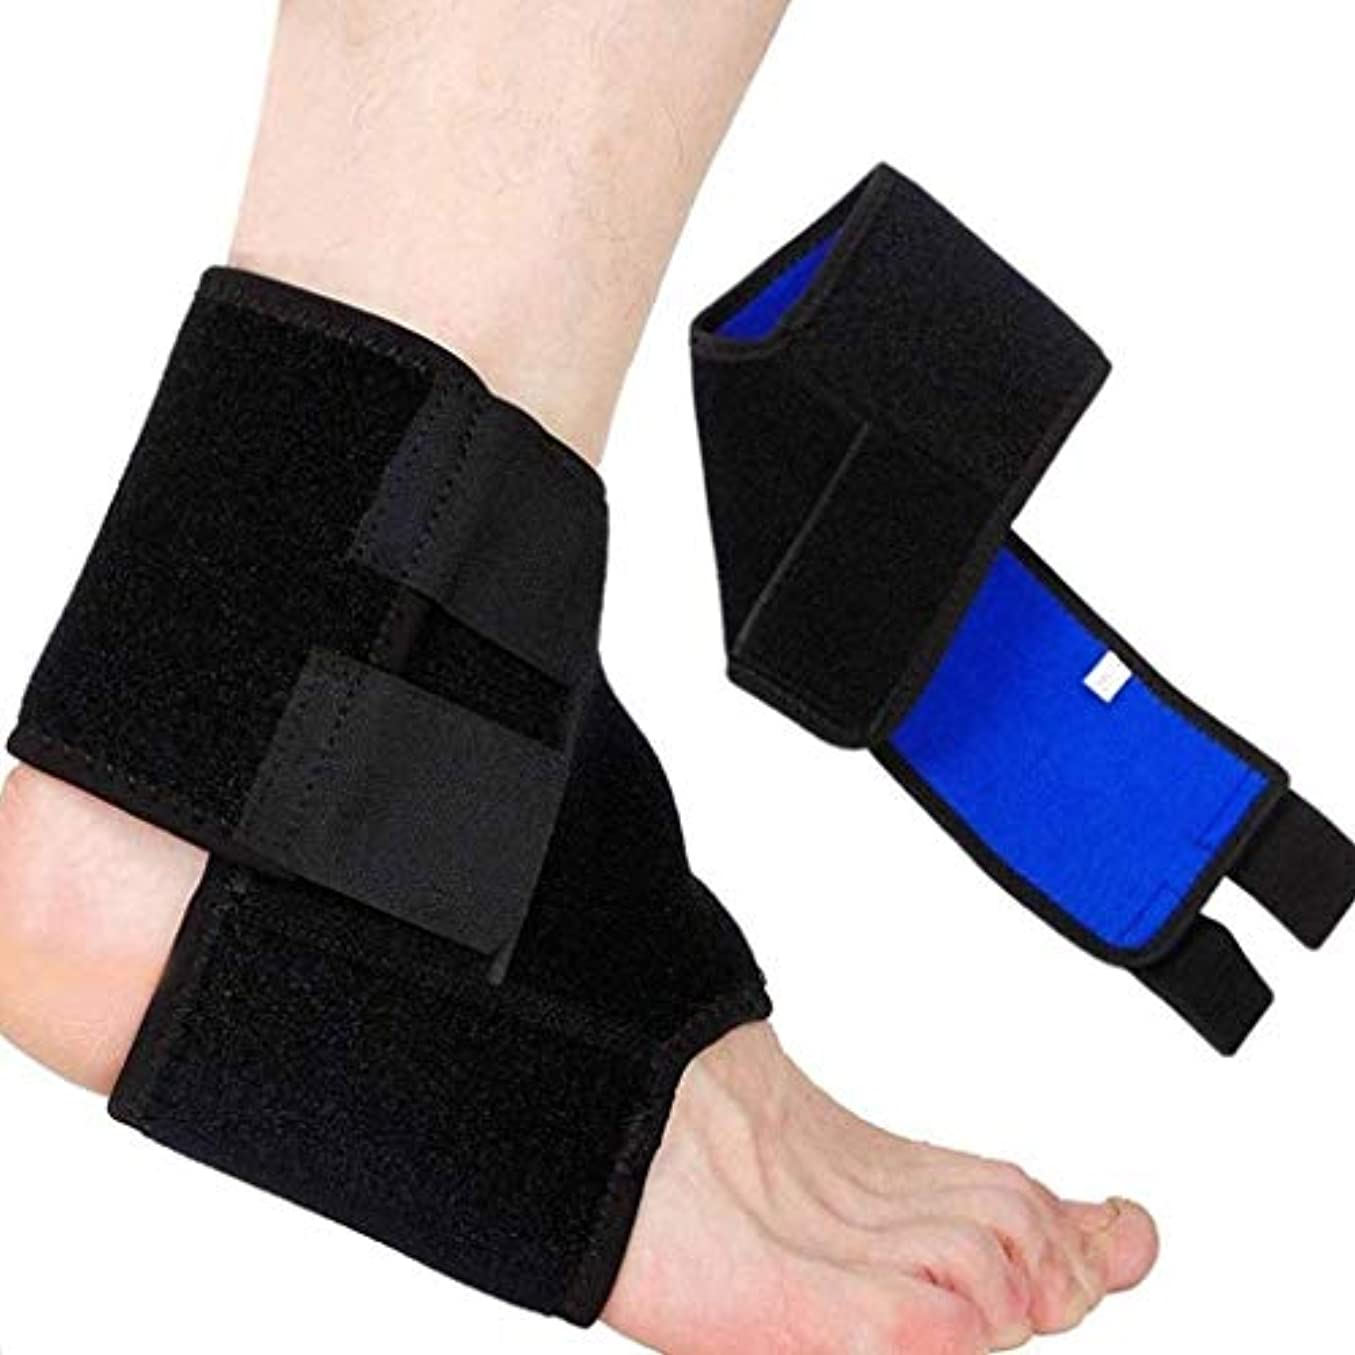 夜間バトル買い物に行く足首サポート、足首ブレース通気性ナイロン弾性素材スポーツ用足首ラップ、関節痛、捻rain疲労など